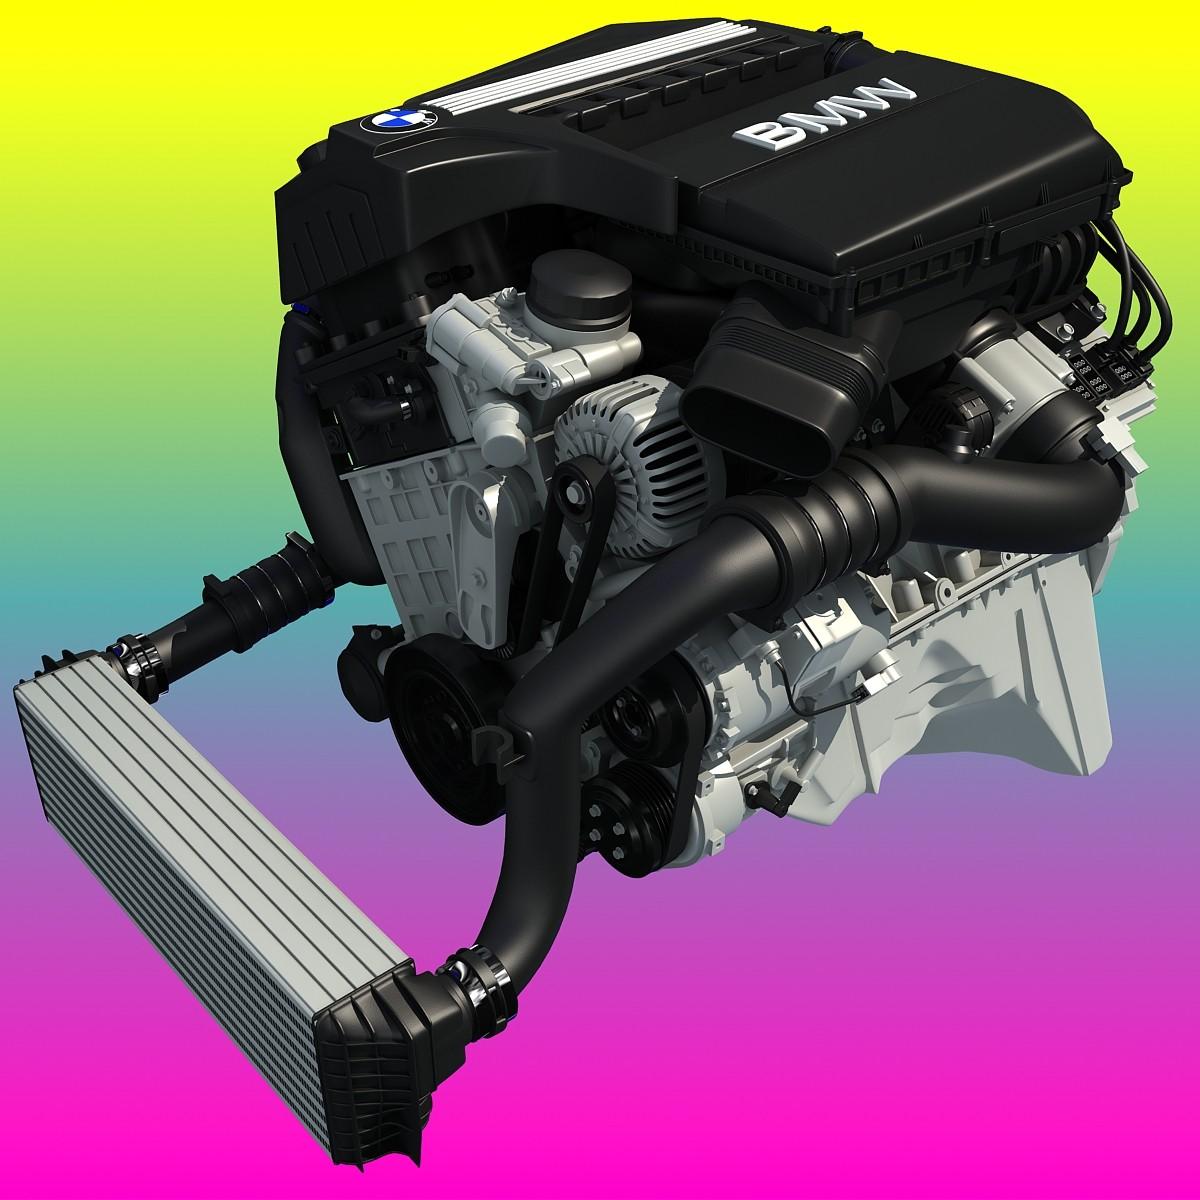 BMW TwinPower Turbo 6 Cylinder Engine